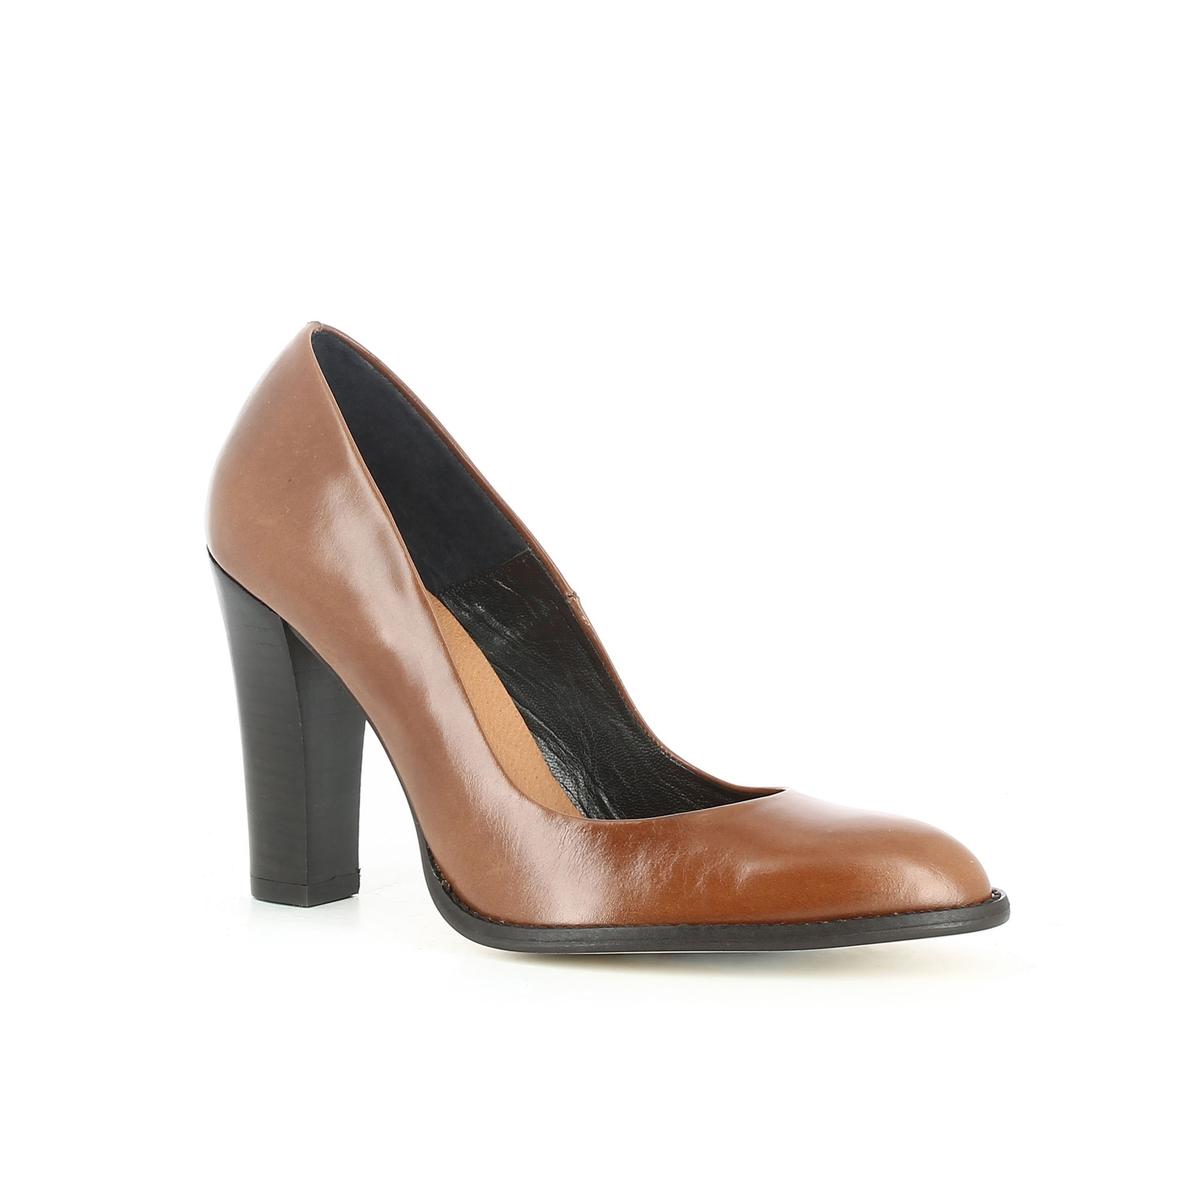 цены на Туфли кожаные на высоком каблуке 11286 в интернет-магазинах